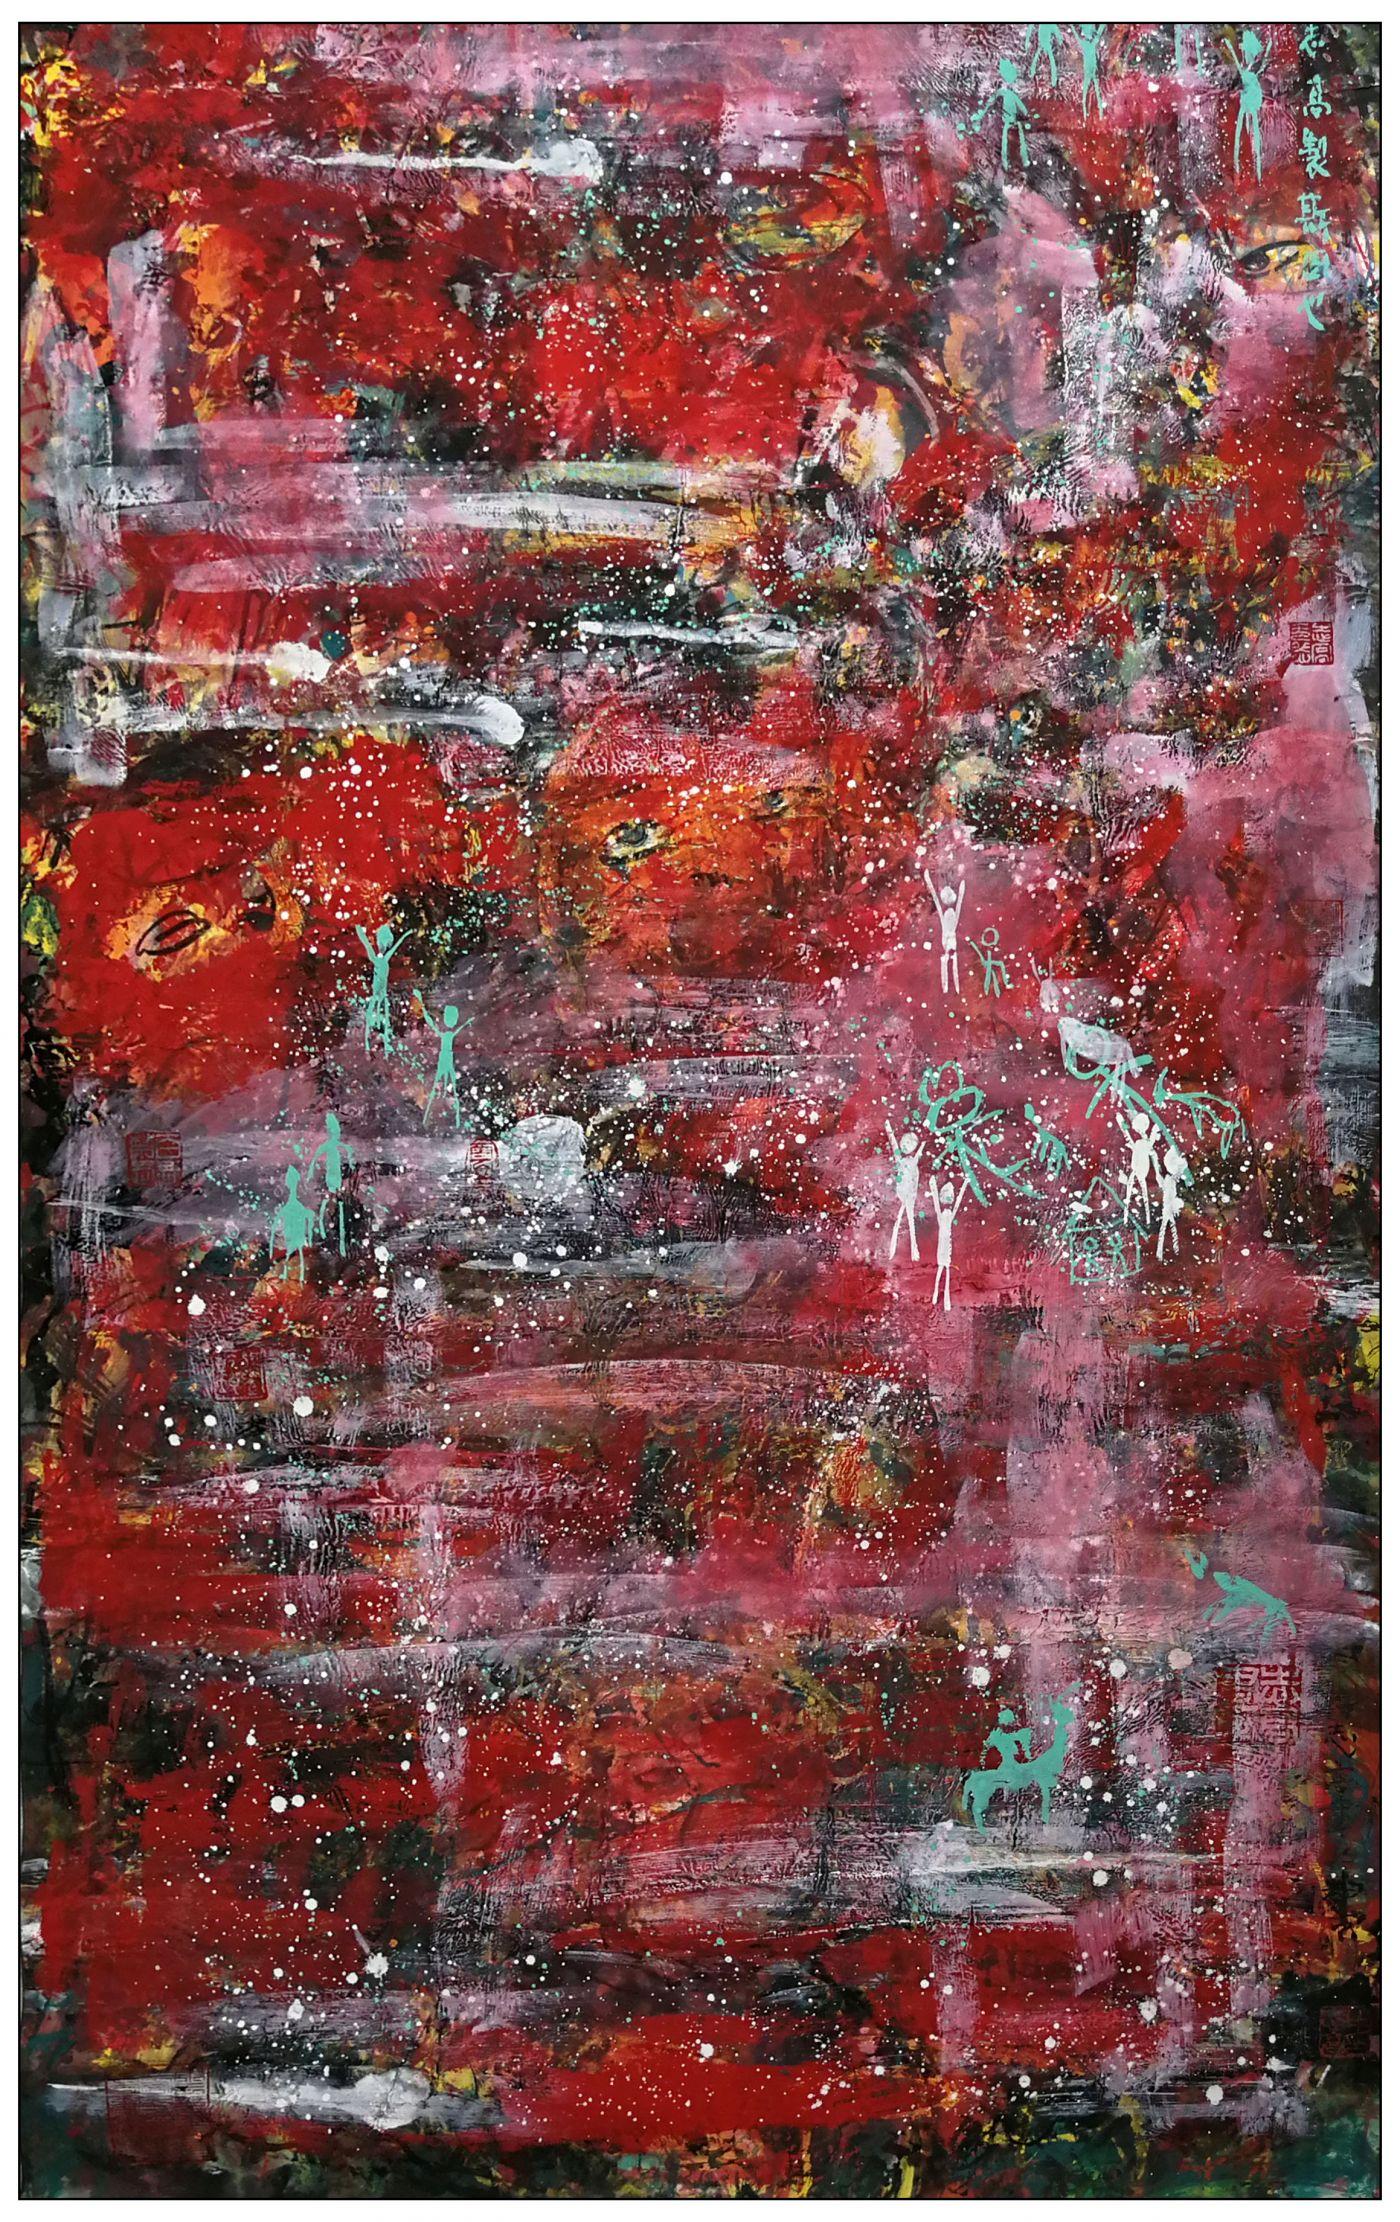 牛志高现代抽象画------2020.09.03_图1-2